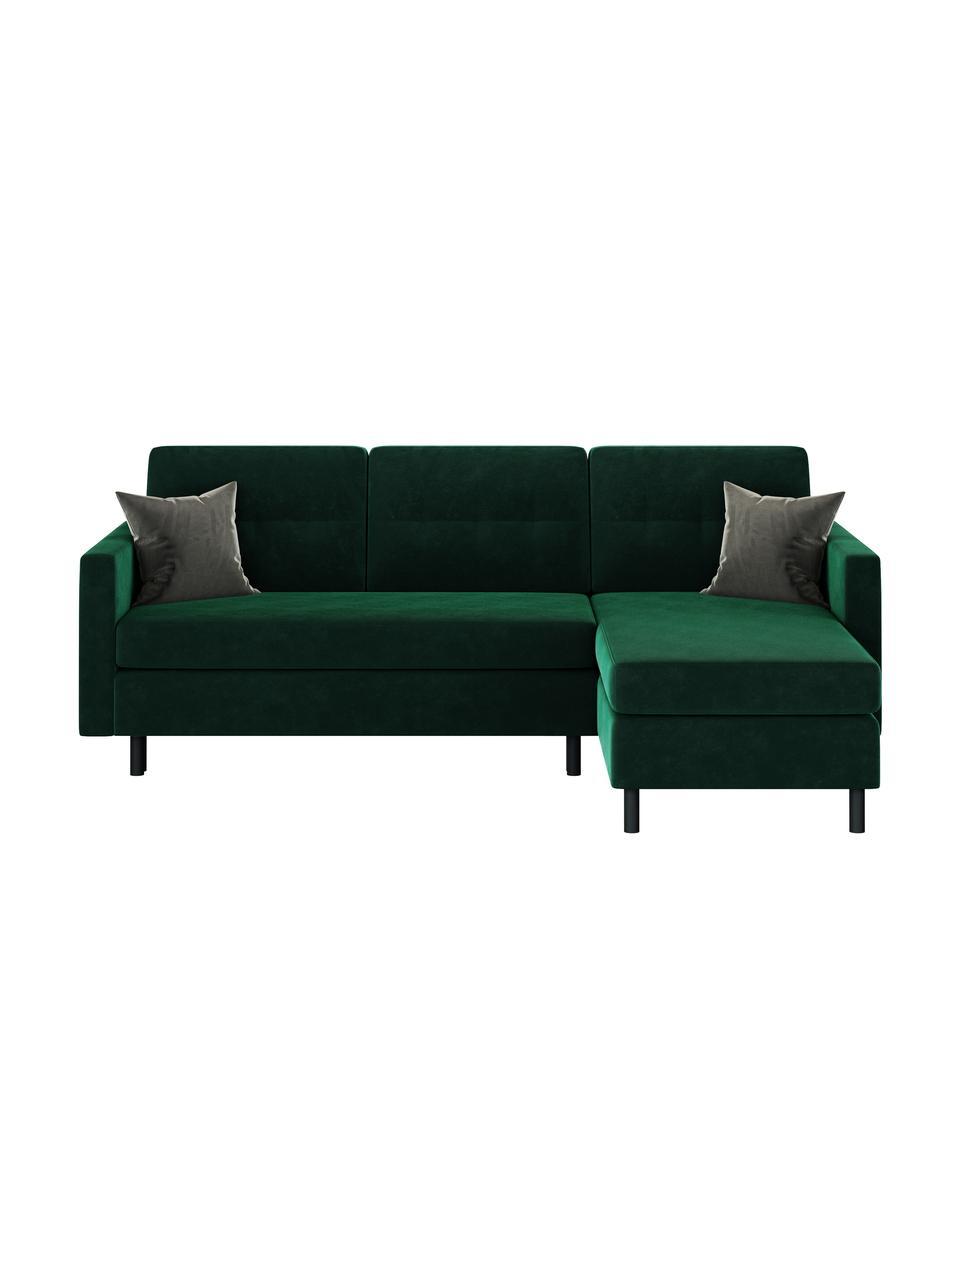 Sofa narożna z aksamitu z funkcją spania Rudy, Tapicerka: 100% aksamit poliestrowy, Stelaż: drewno liściaste, drewno , Nogi: drewno lakierowane Dzięki, Ciemny zielony, S 225 x G 165 cm